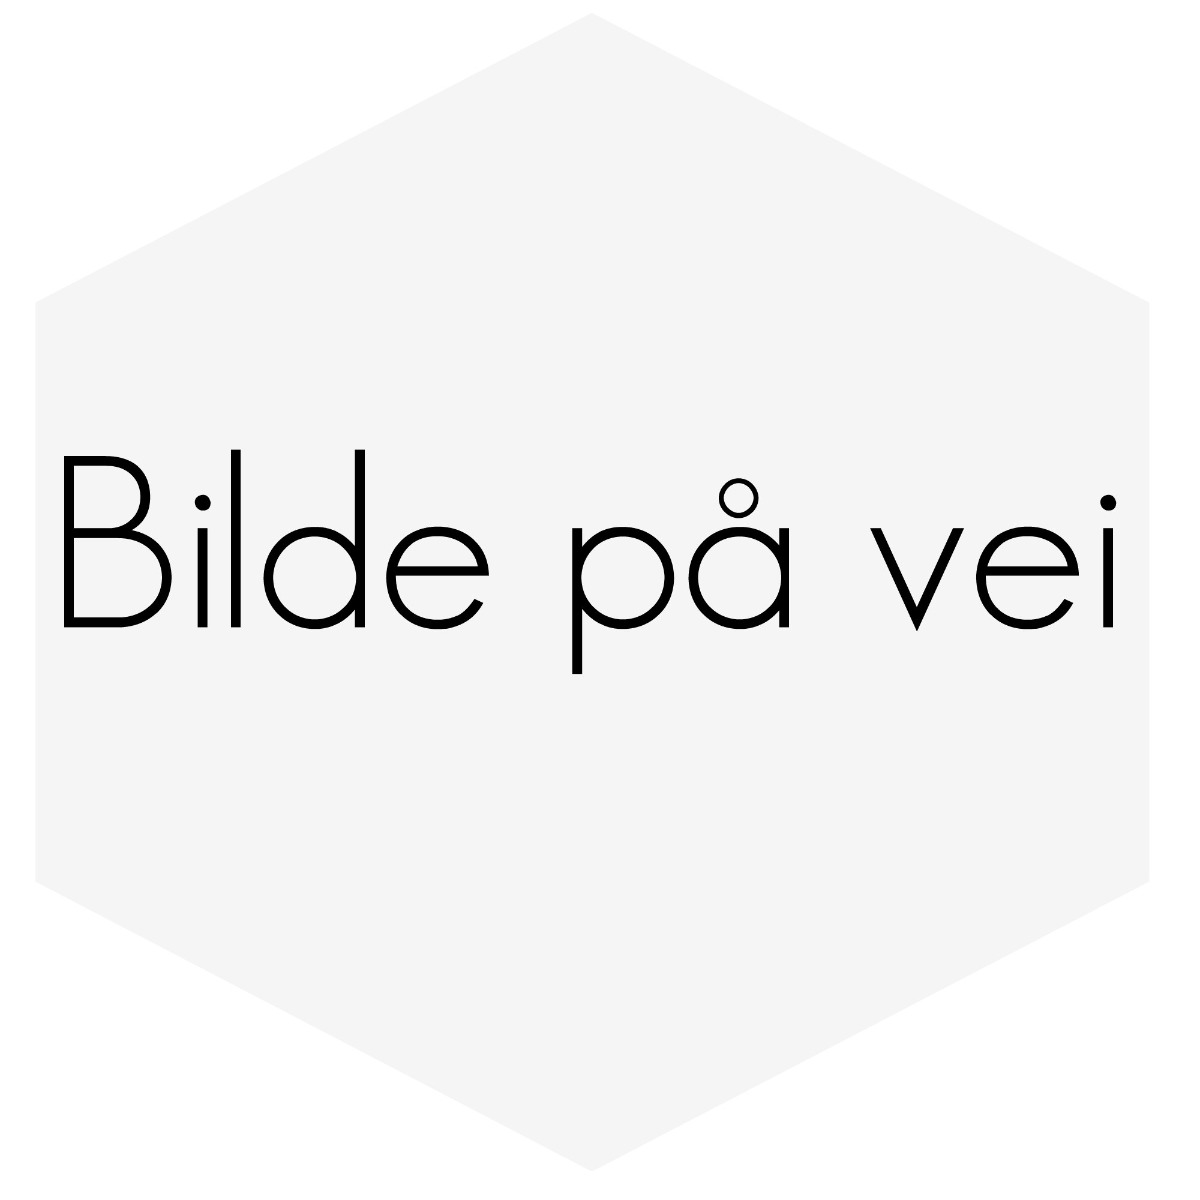 SILIKONSLANGE SVART FLEXIBEL GLATT  2,0'' (51MM)